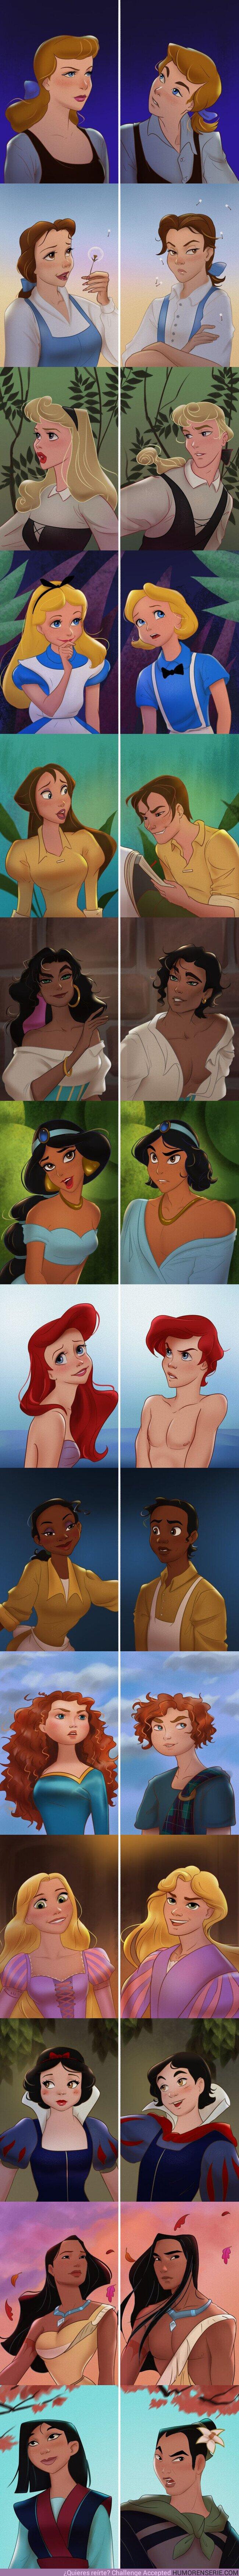 60013 - GALERÍA: Imaginamos la versión masculina de 14 chicas de Disney, y algunas se convirtieron en verdaderos galanes